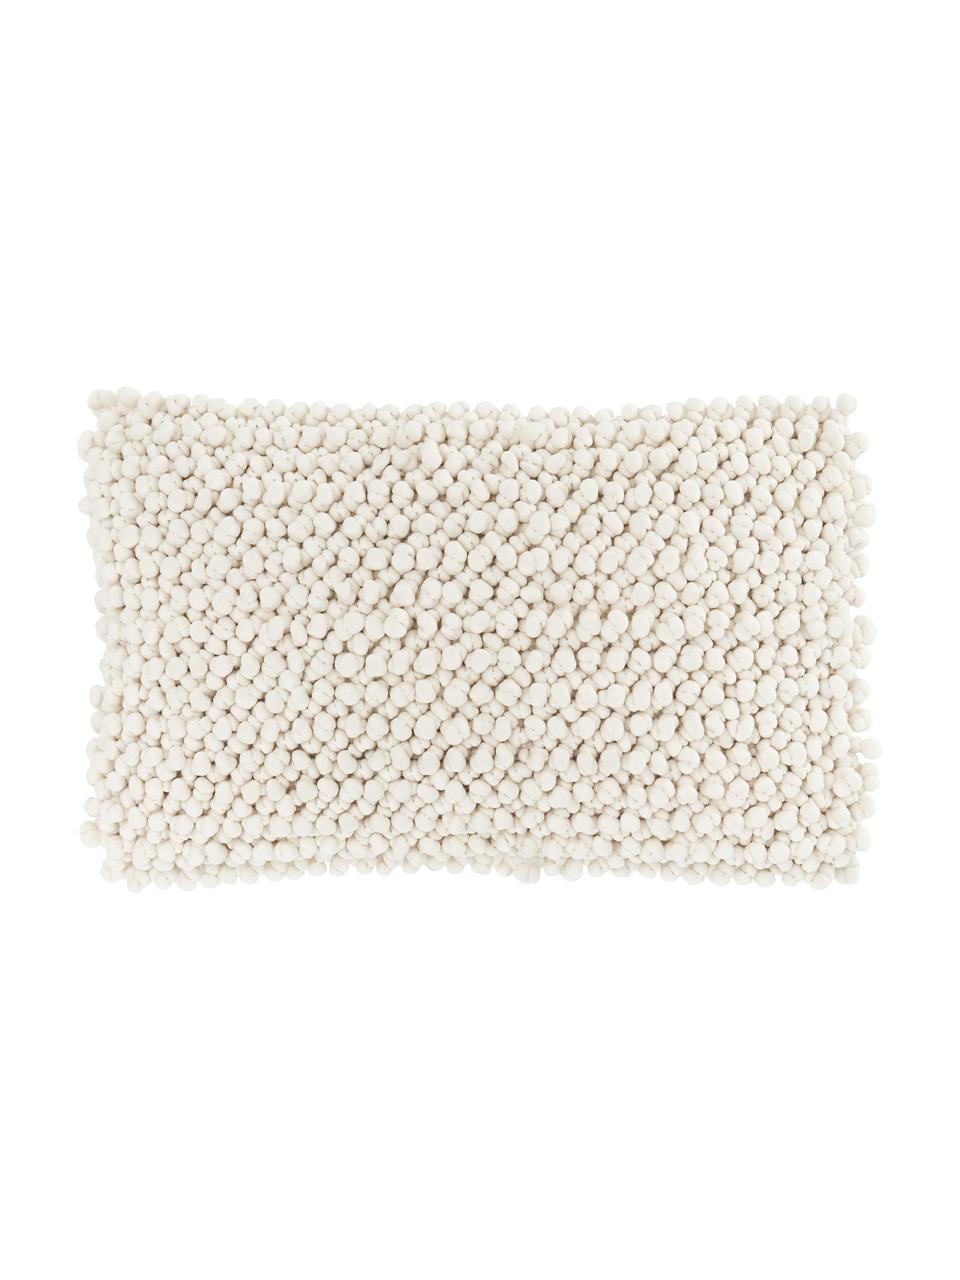 Kissenhülle Iona mit kleinen Stoffkugeln in Cremeweiß, Vorderseite: 76% Polyester, 24% Baumwo, Rückseite: 100% Baumwolle, Beige, 30 x 50 cm